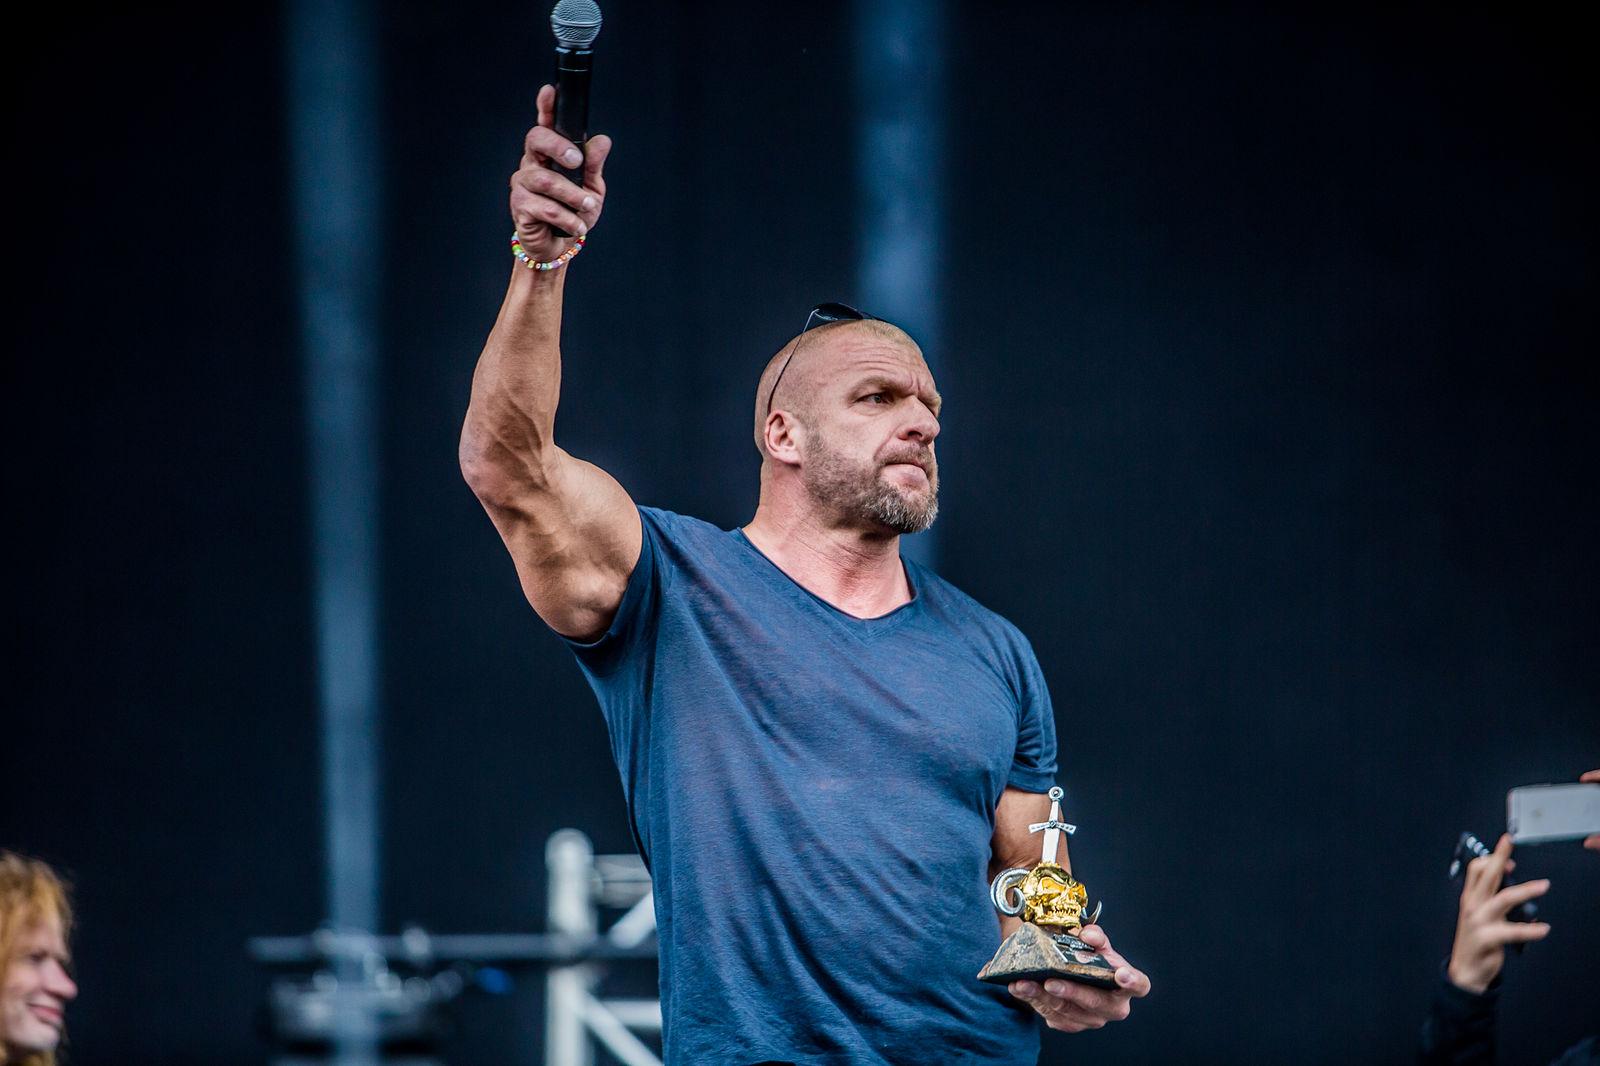 Triple H - Spirit of Lemmy Award